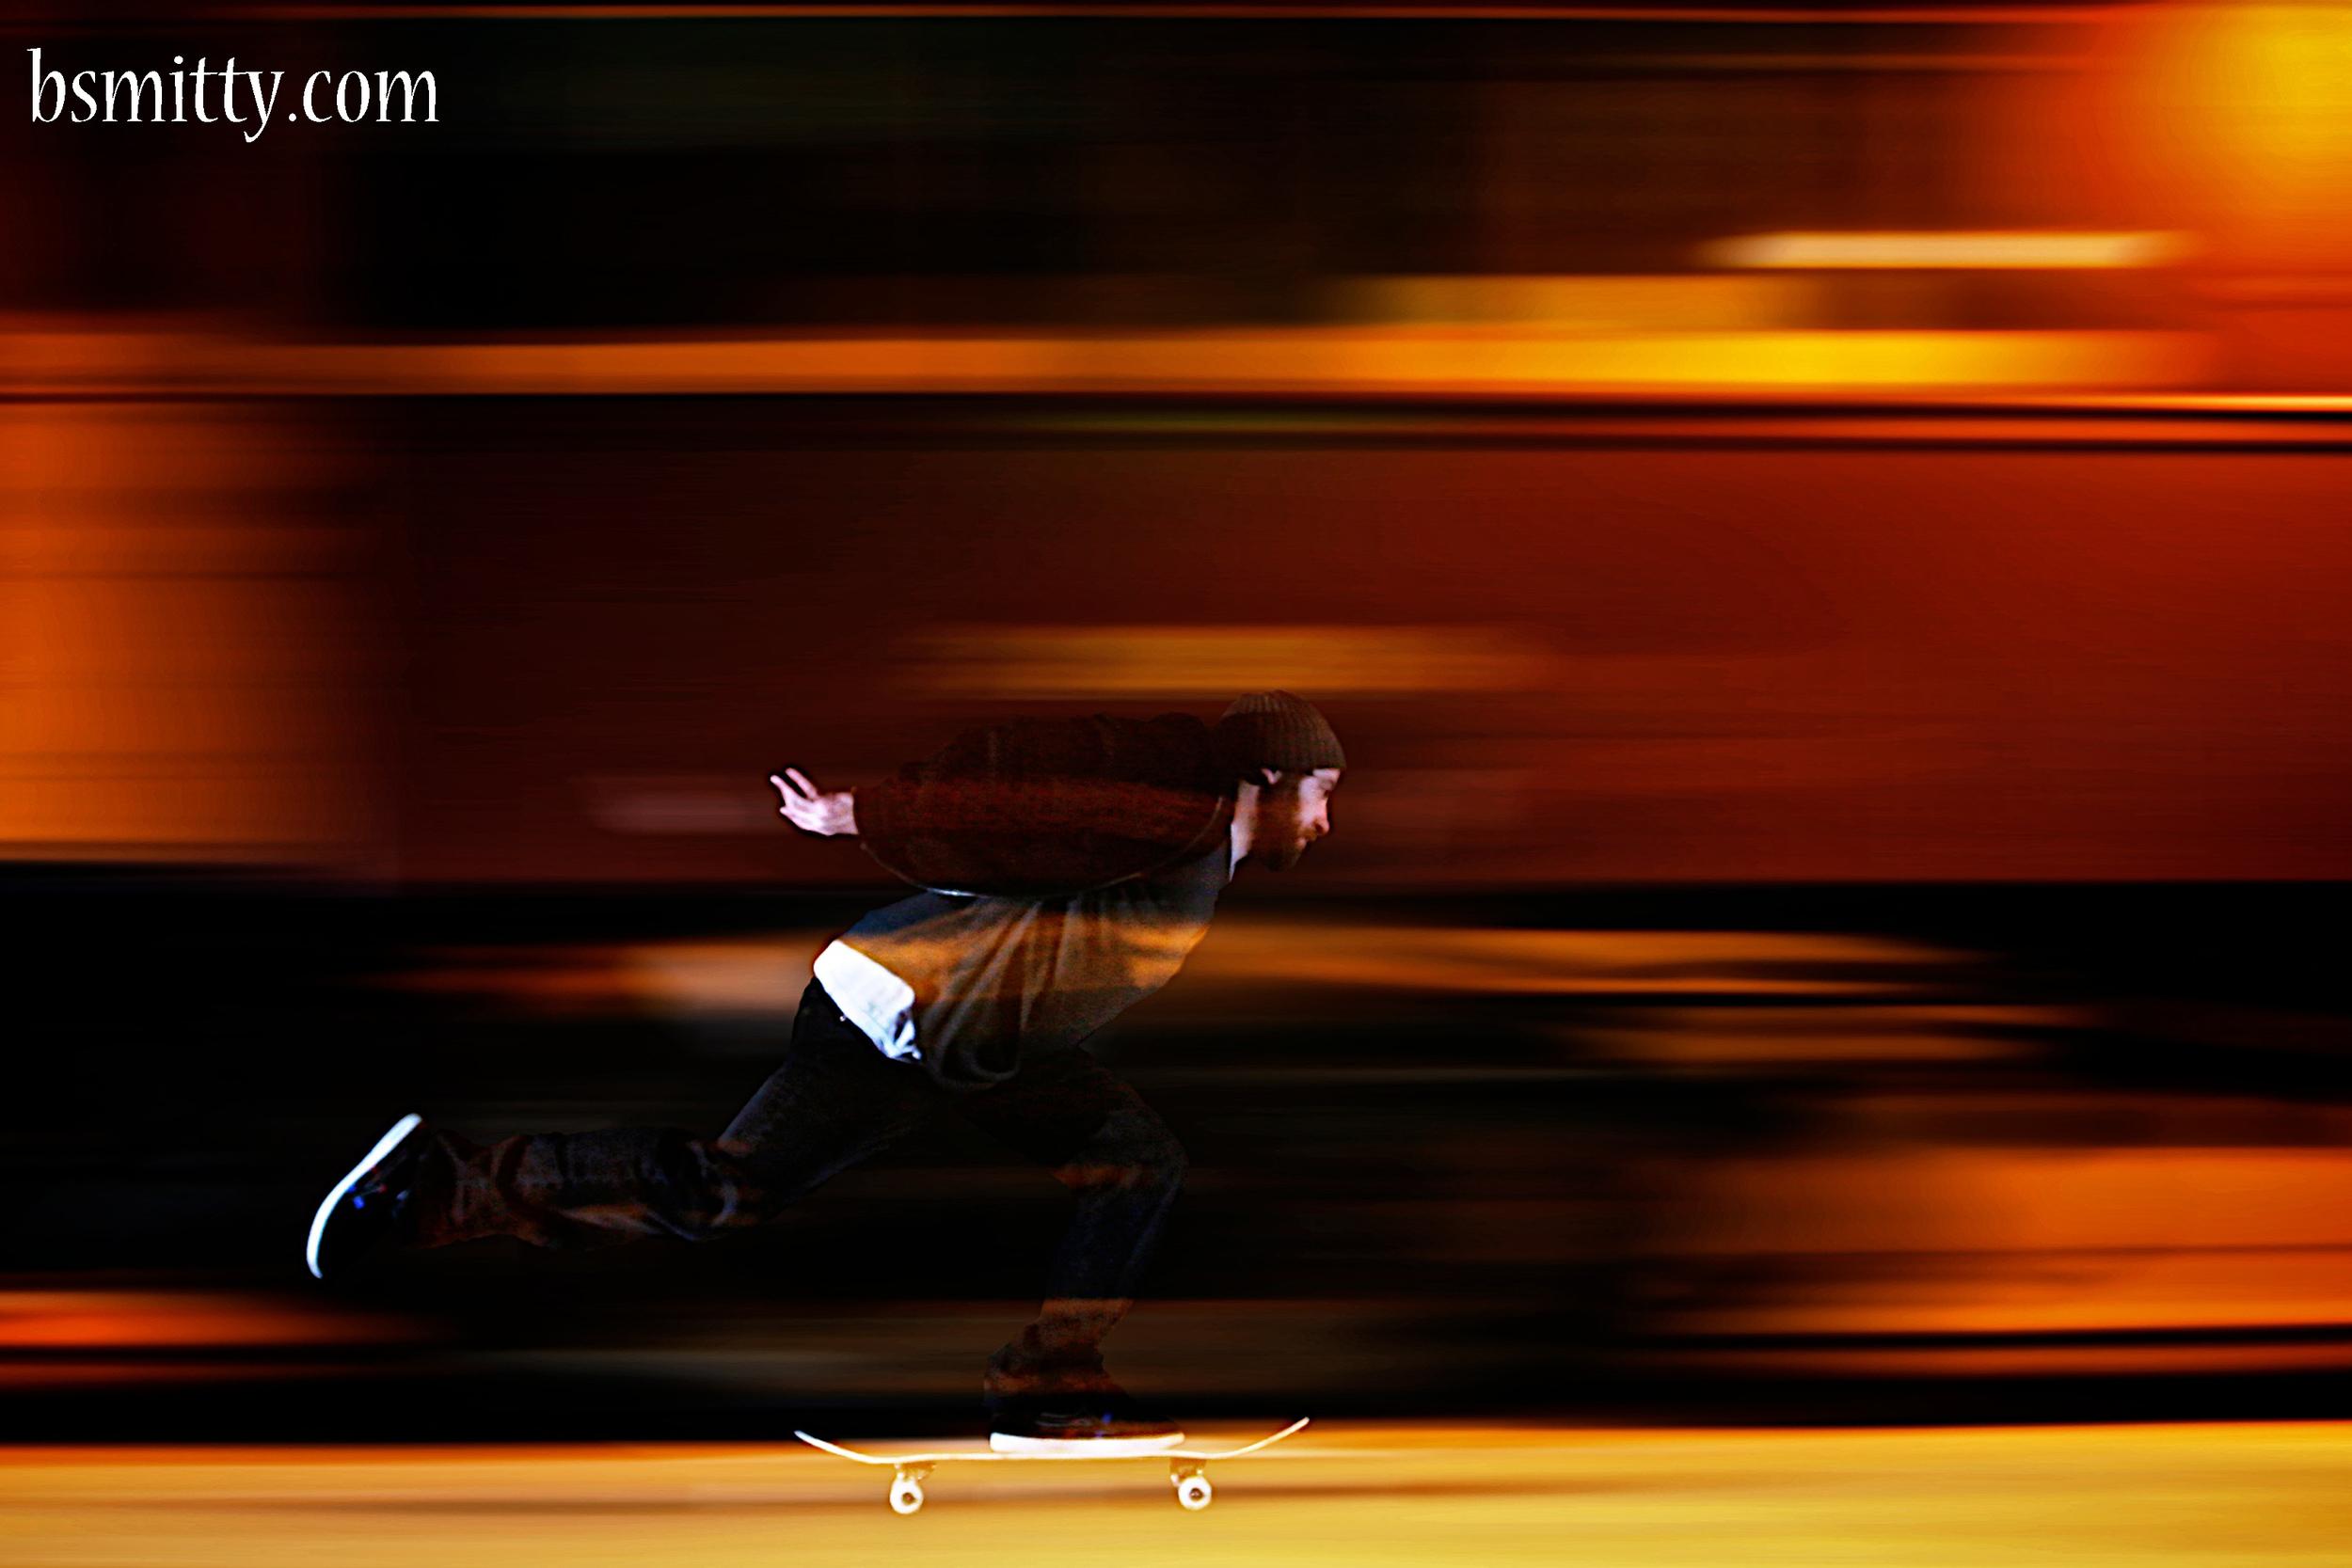 skate - brad - photo bsmitty copy.jpg